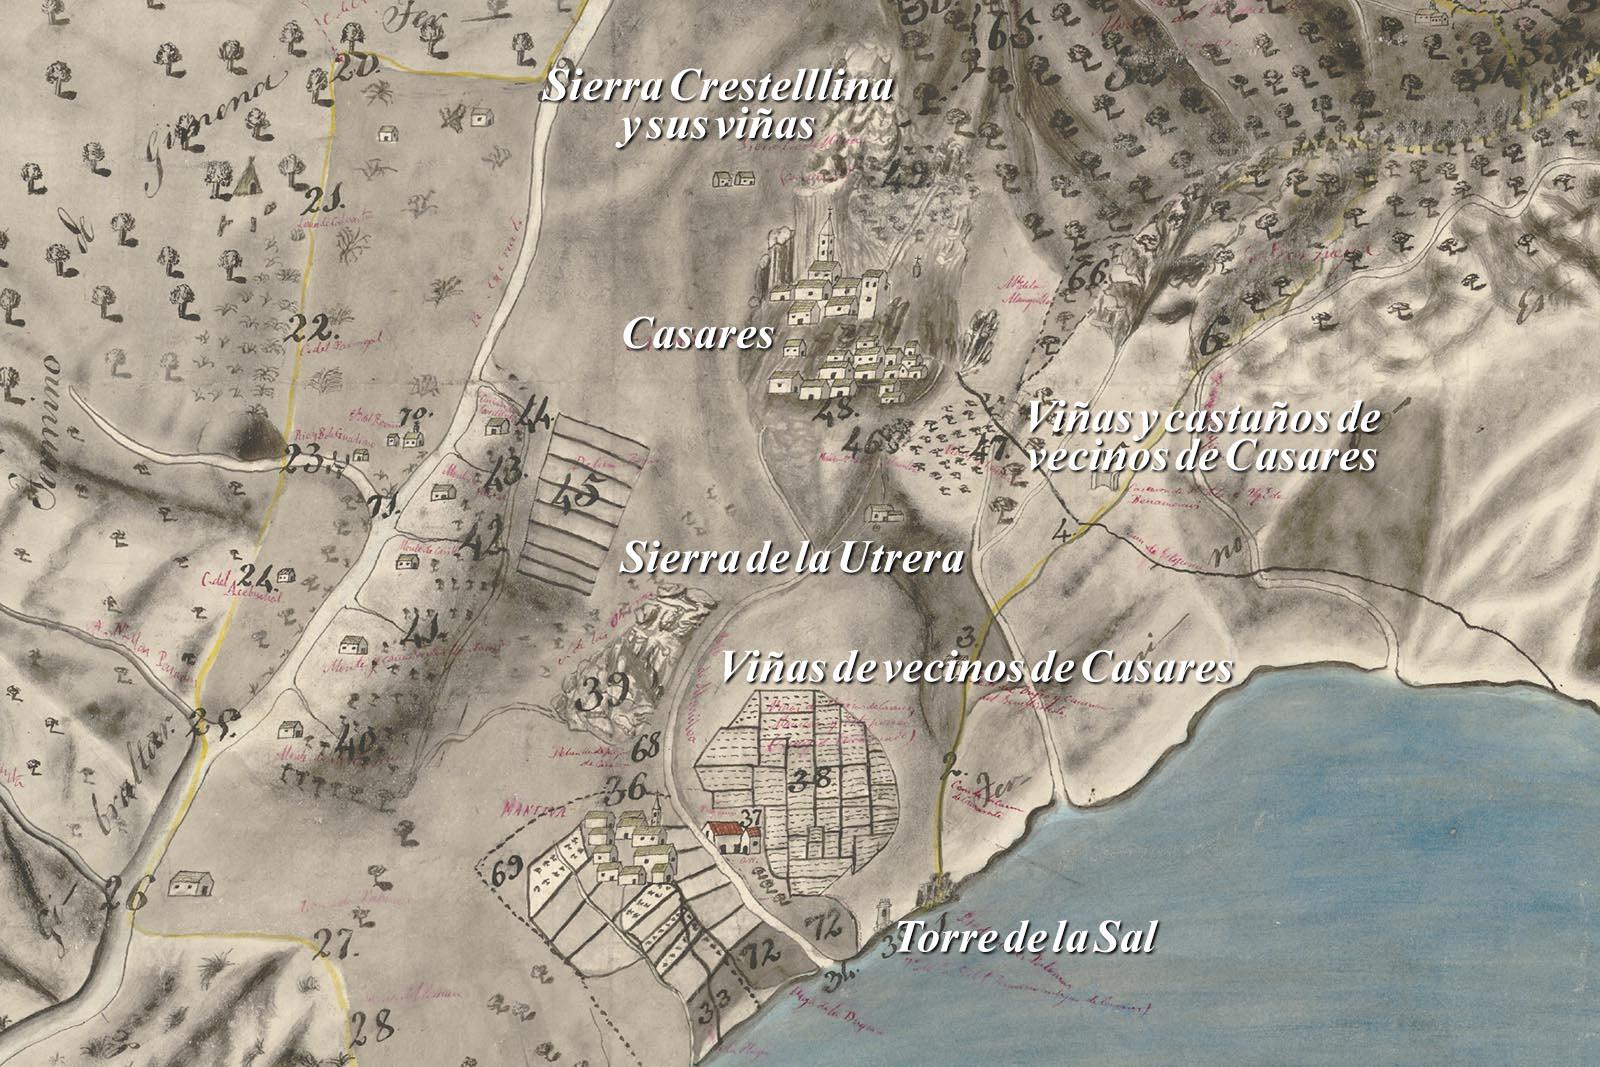 Pasado vitivinícola de Casares (Recorte del plano de Almagro, s. XVIII)